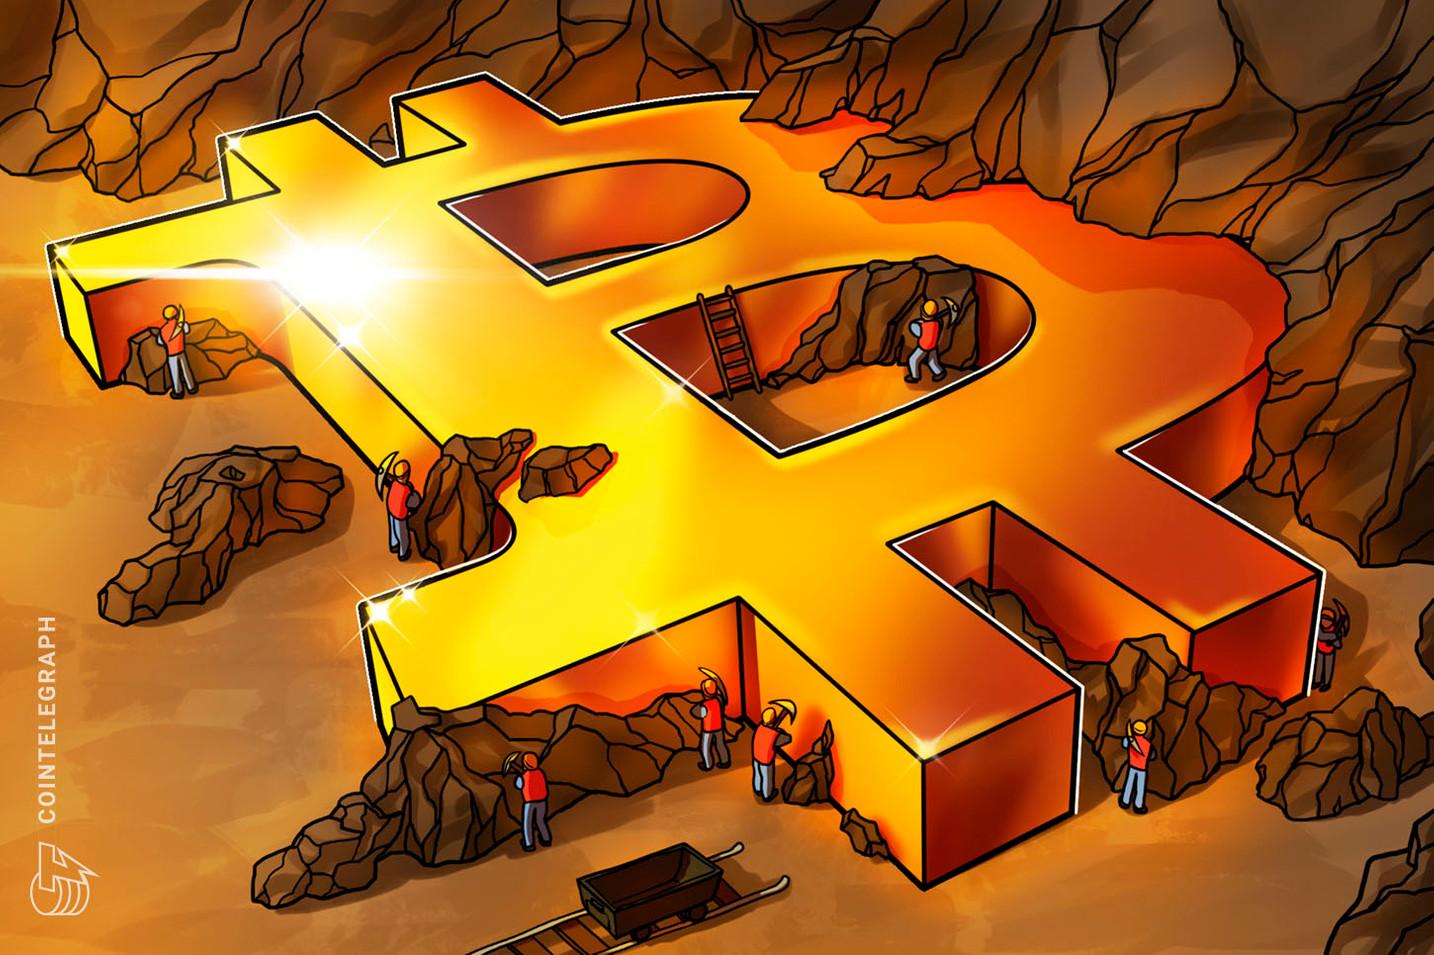 Férias de Verão: após apagões, mineração de Bitcoin no Irã é suspensa até setembro